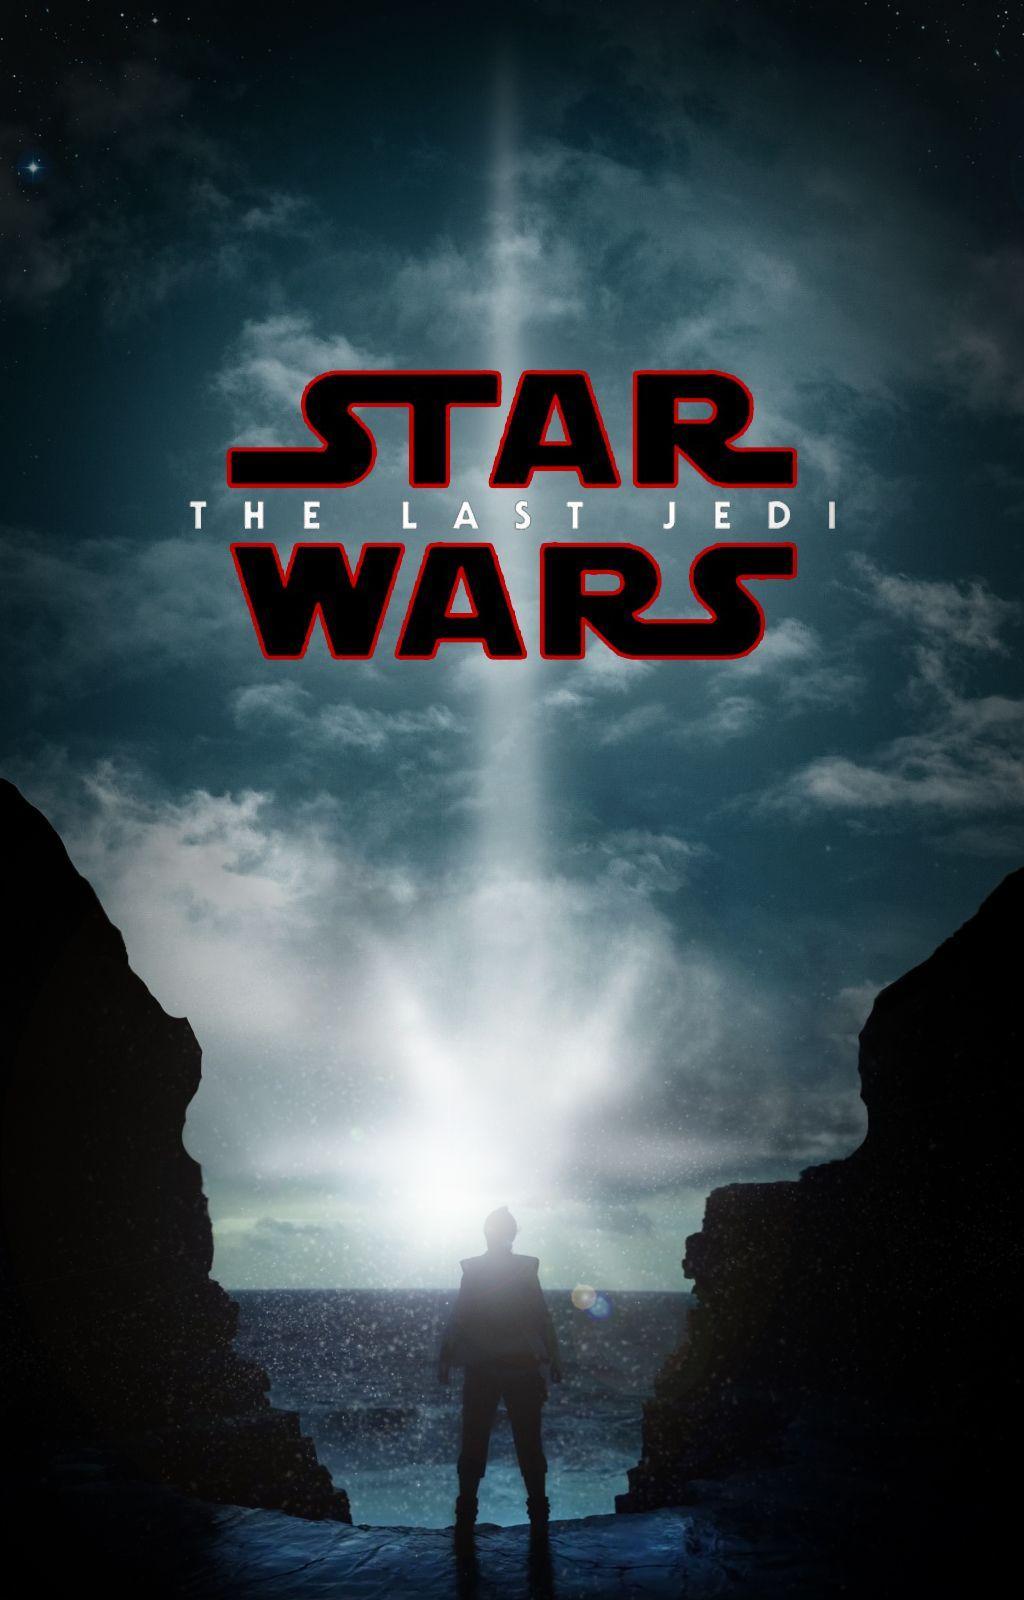 Jedi Star Wars Phone Wallpapers Top Free Jedi Star Wars Phone